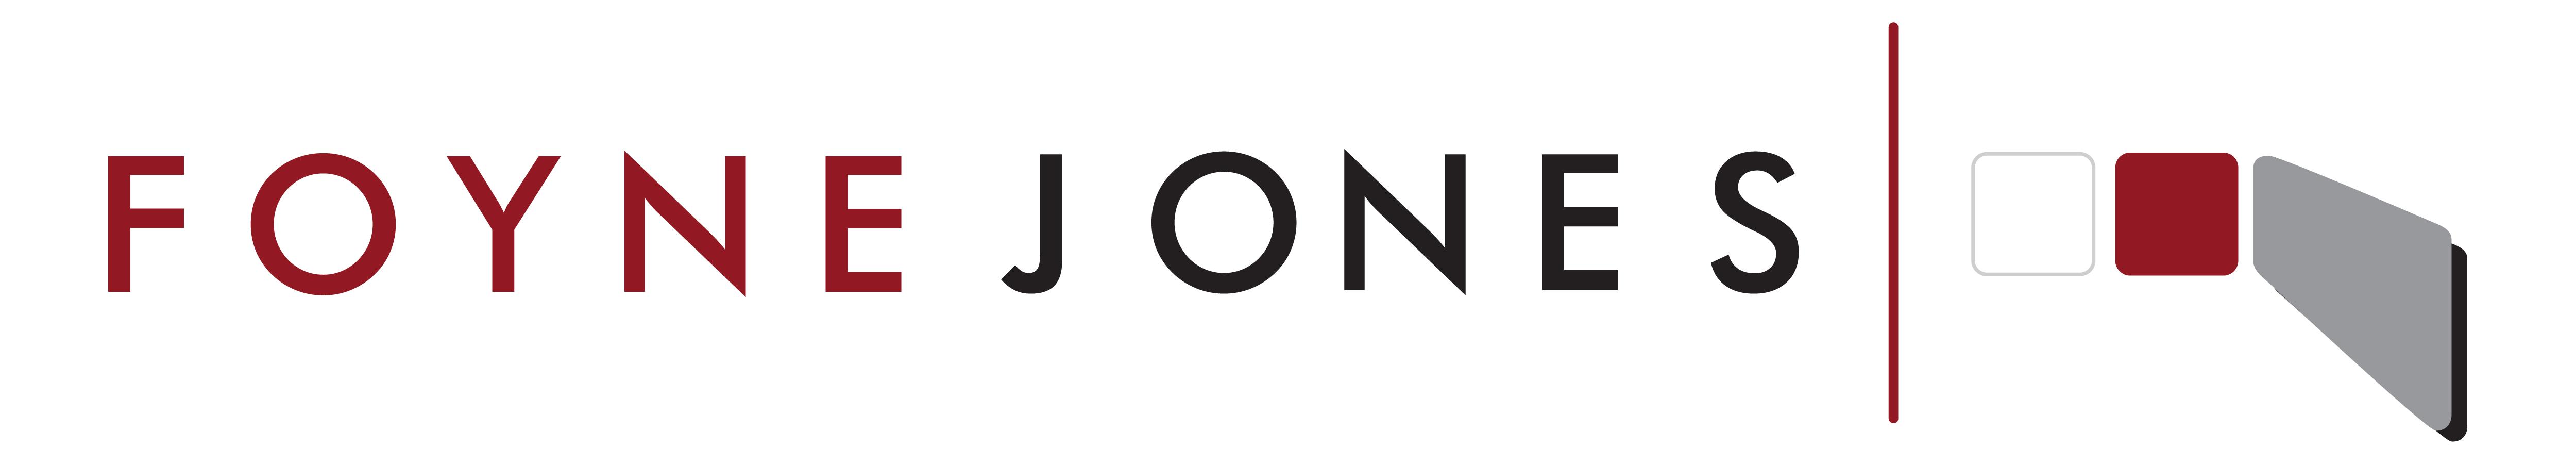 Foyne Jones logo